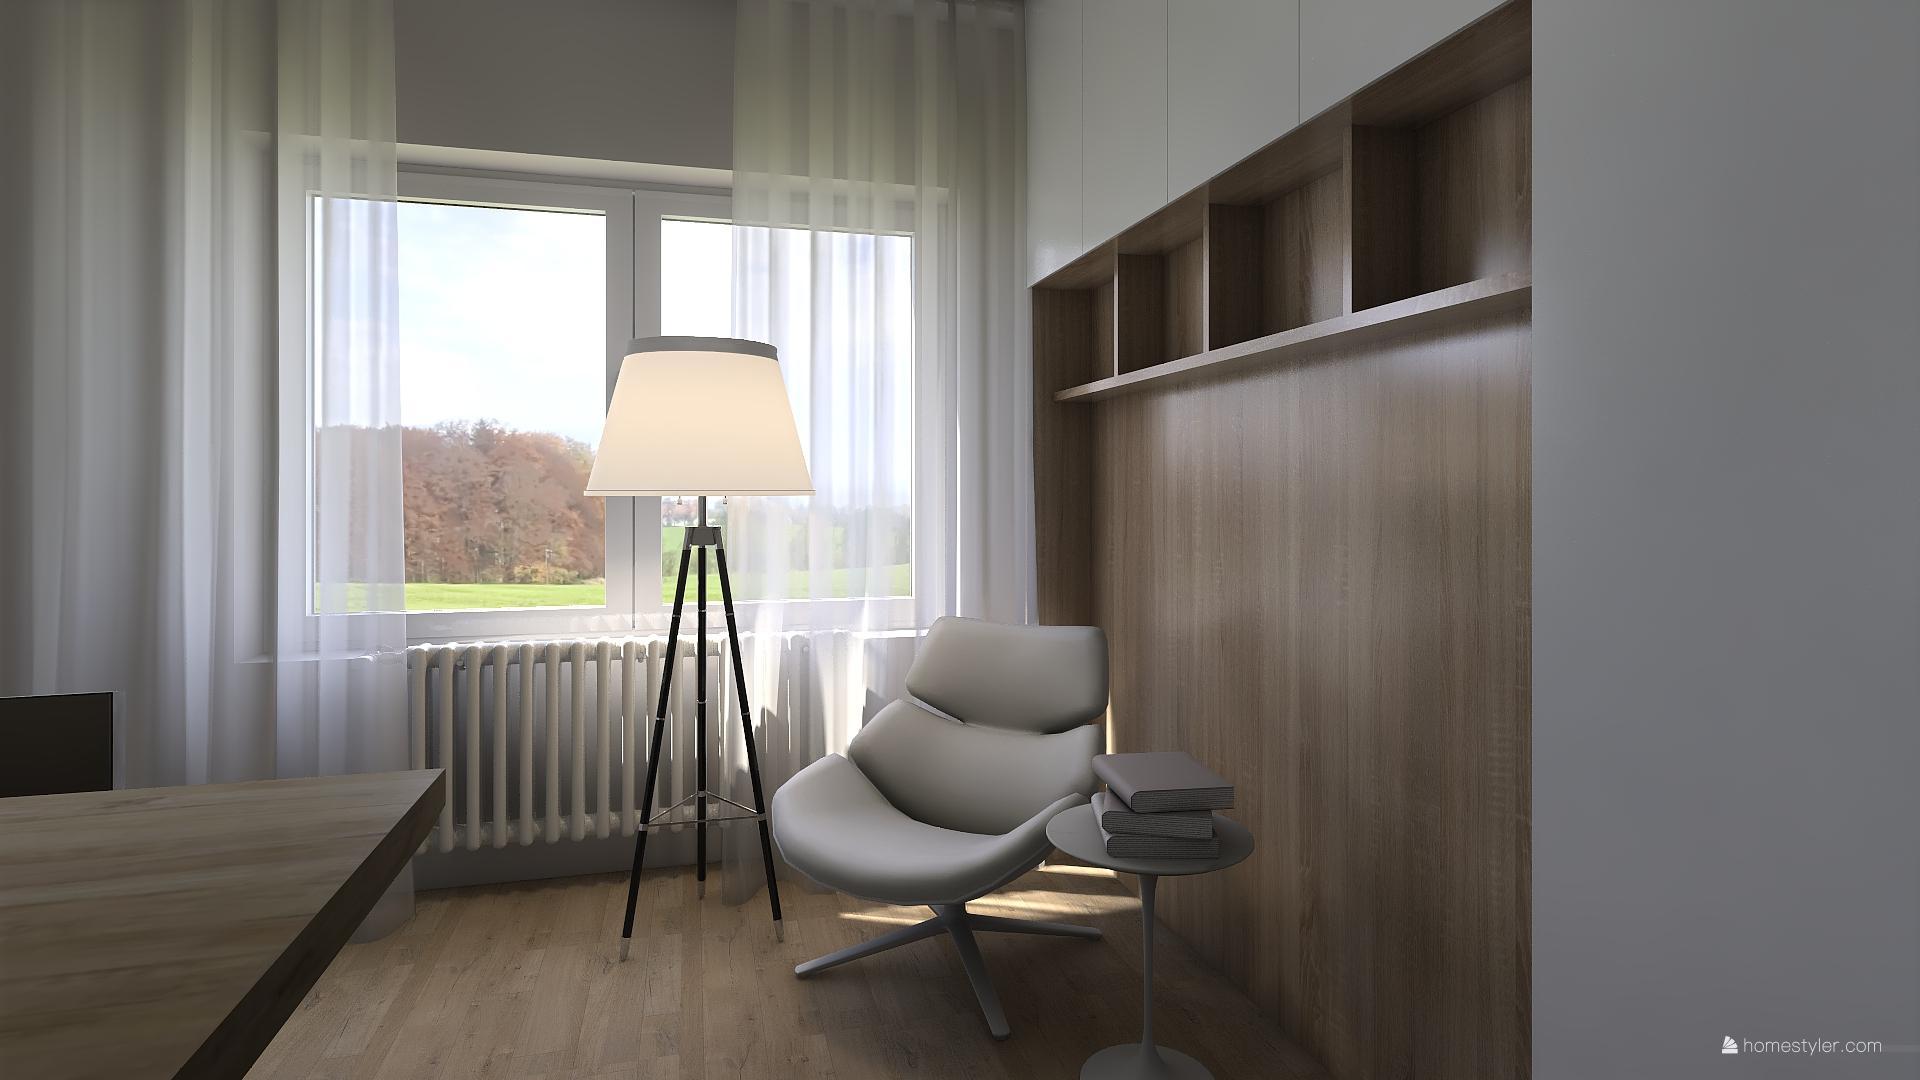 Vizualizace obýváku s kuchyní pro @iuanecka - Obrázek č. 12